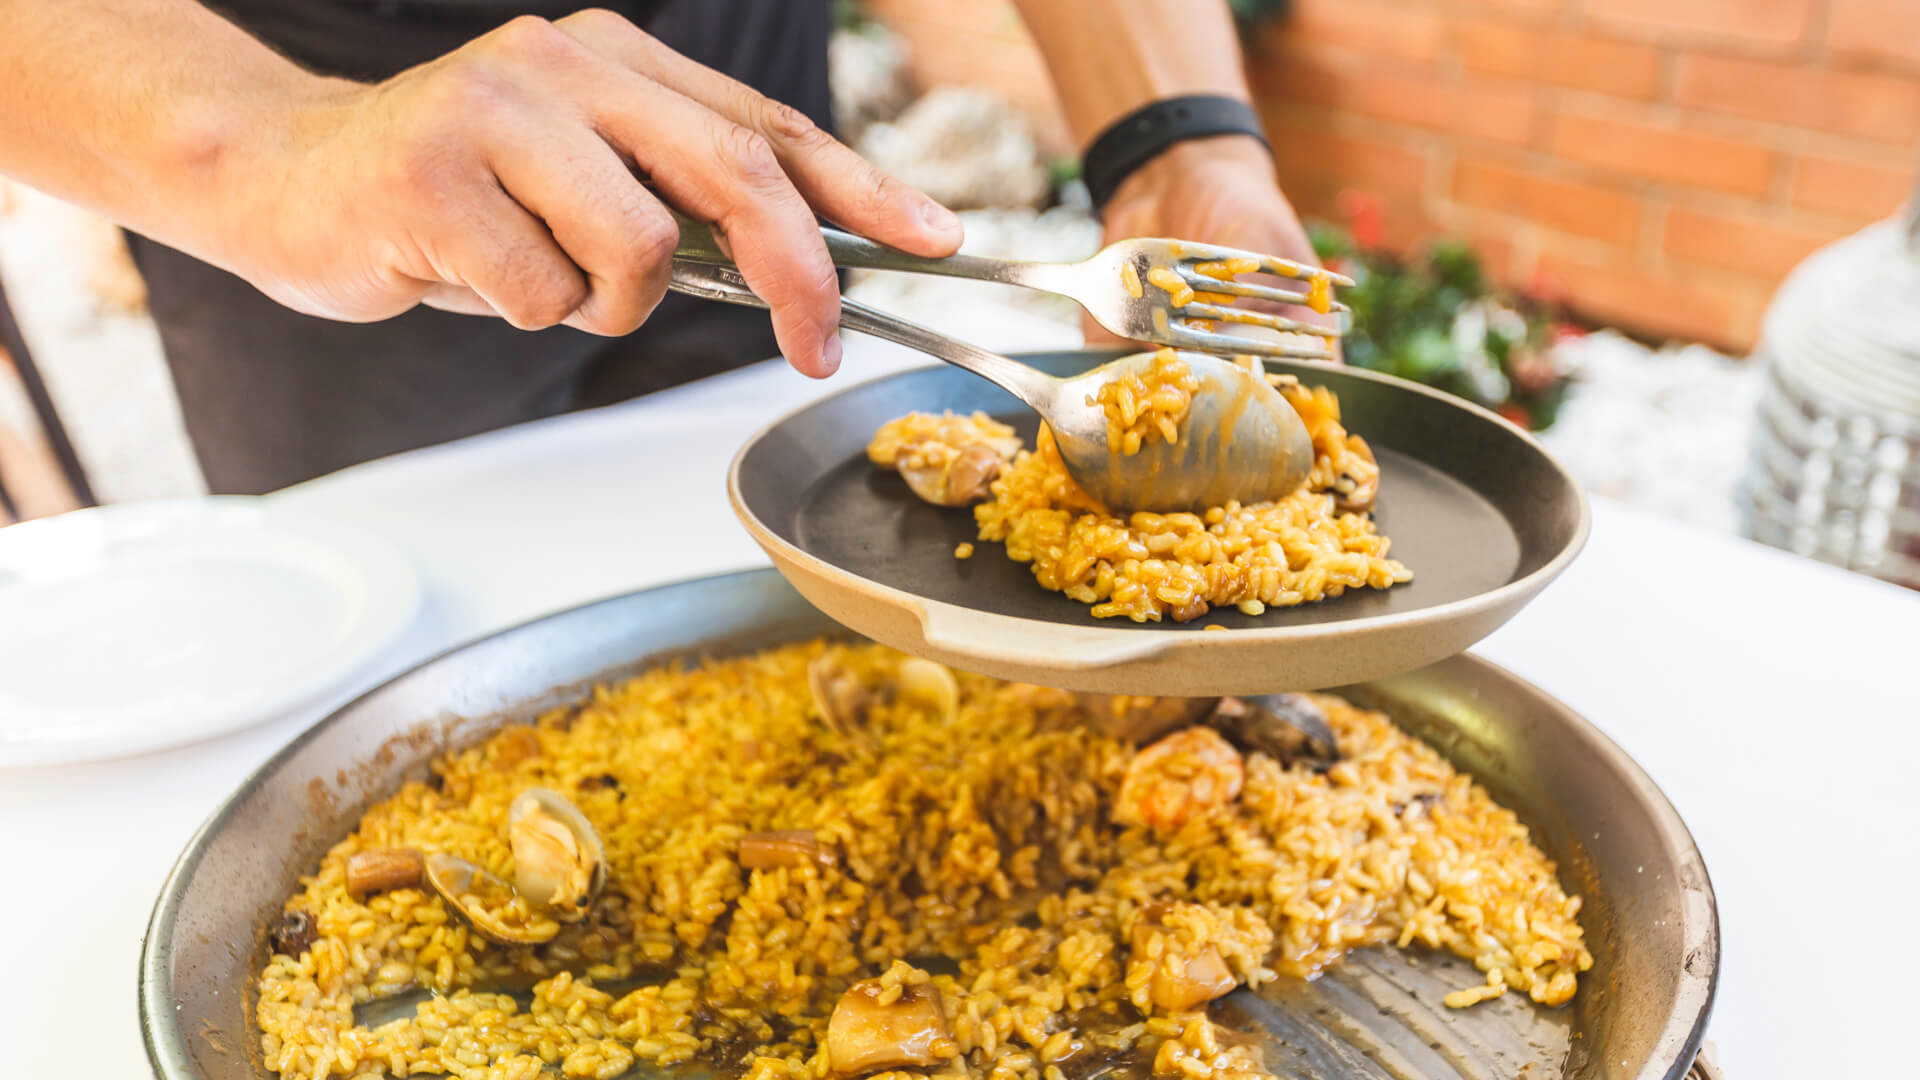 4 generacions i gairebé 100 anys de tradició i cultura gastronòmica a Sant Carles de la Ràpita i el Delta de l'Ebre,  garanteixen la qualitat del nostre servei.